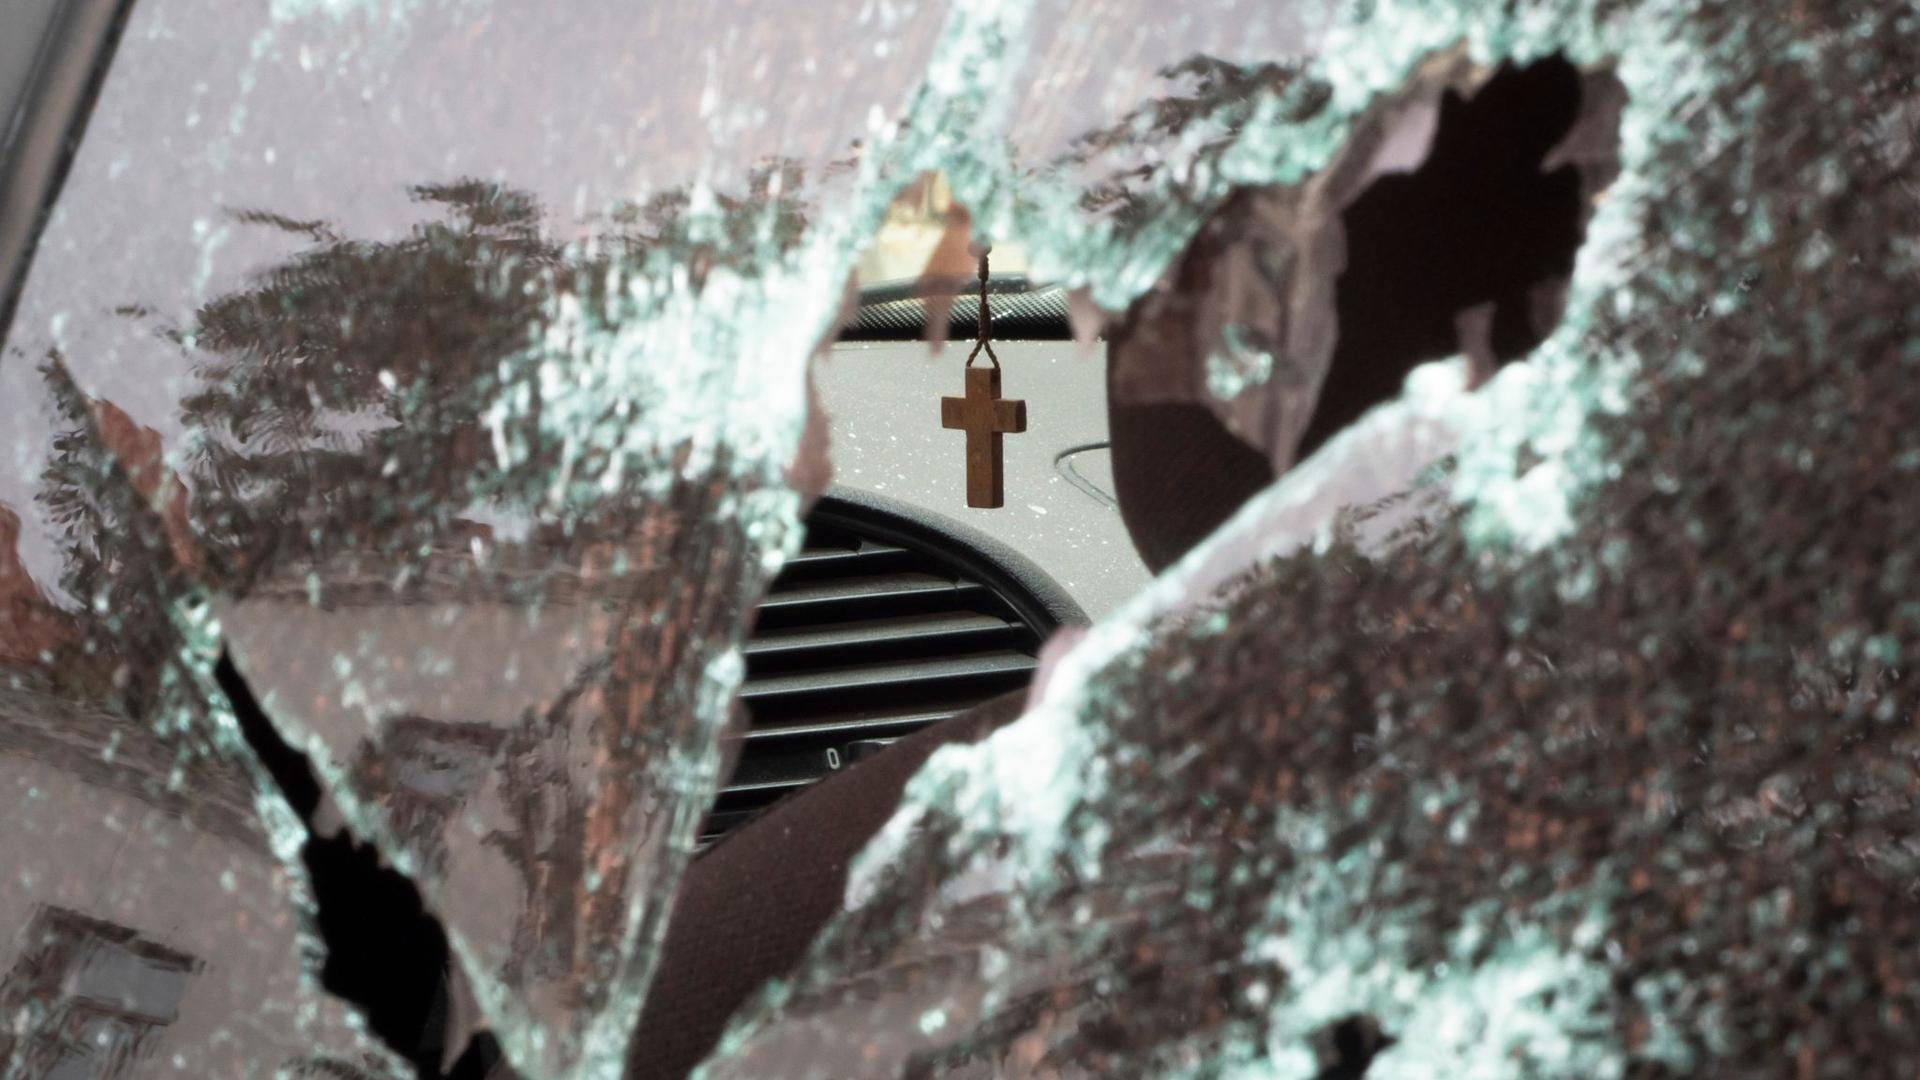 Ein Kruzifix hängt in einem Auto, das durch Beschuss durch aserbaidschanische Artillerie während eines militärischen Konflikts in selbsternannten Republik Berg-Karabach beschädigt wurde.